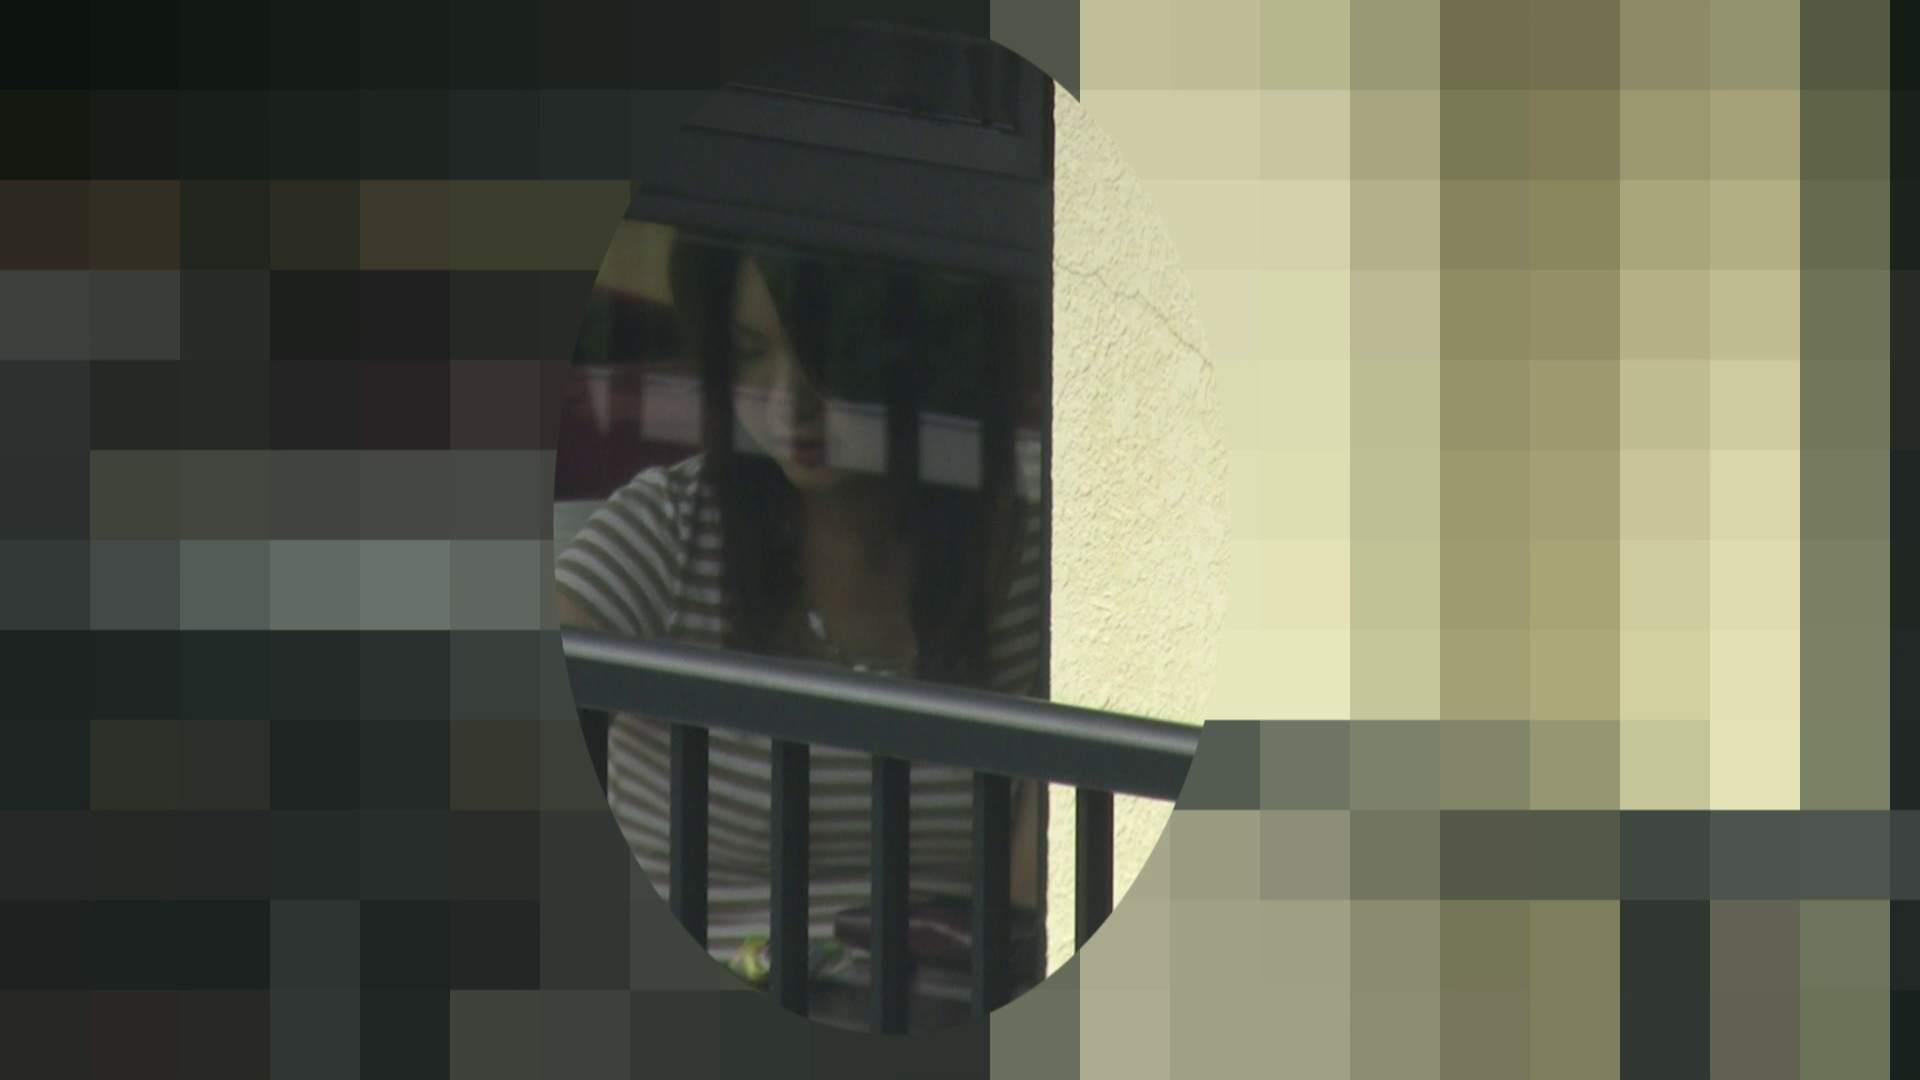 高画質露天女風呂観察 vol.032 望遠 アダルト動画キャプチャ 98枚 76